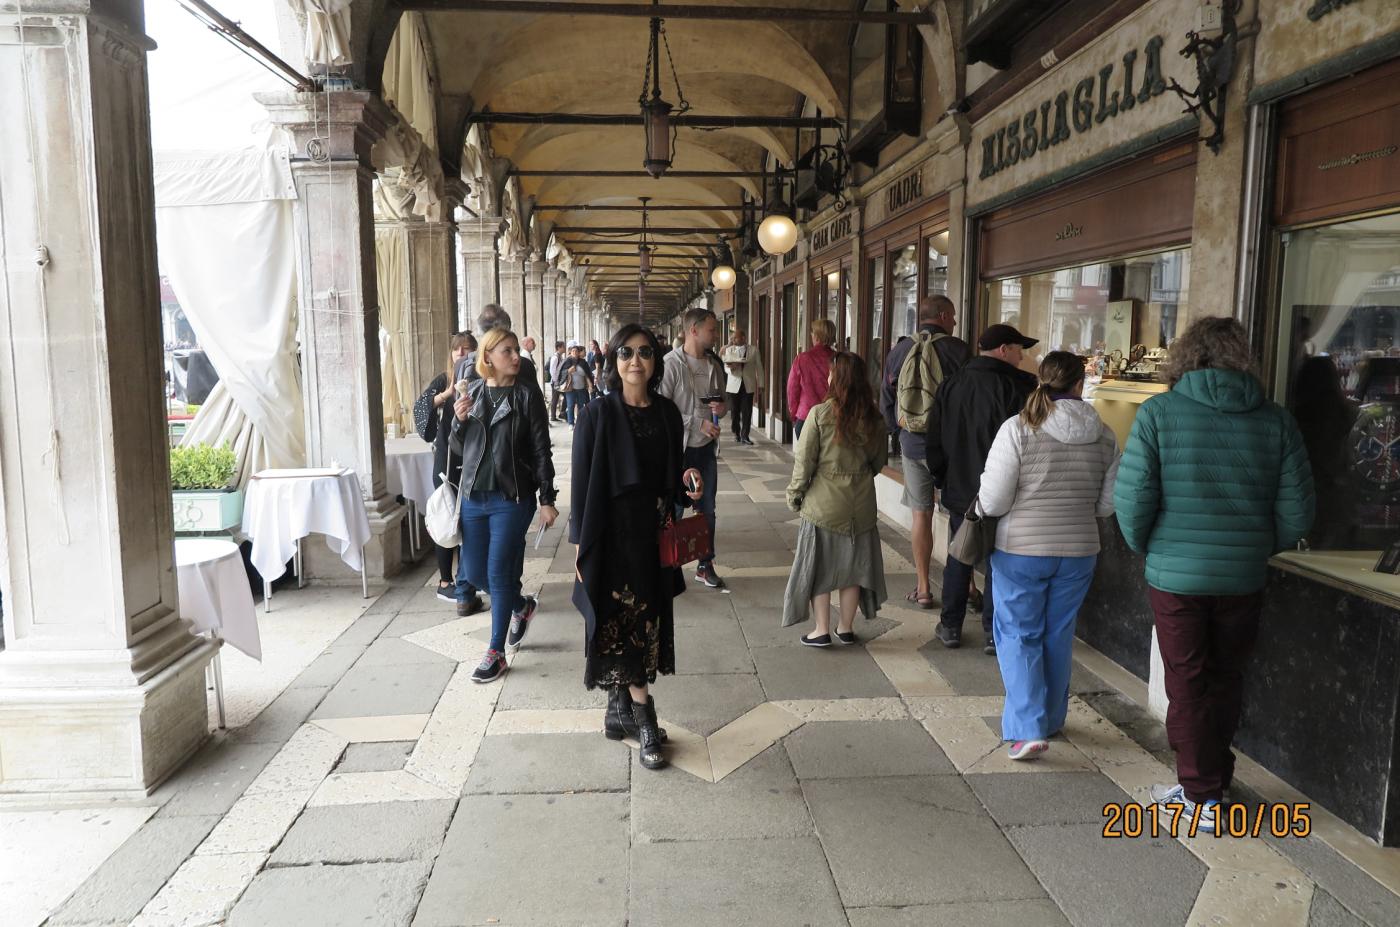 水乡威尼斯:无限的魅力永久的回忆_图1-23